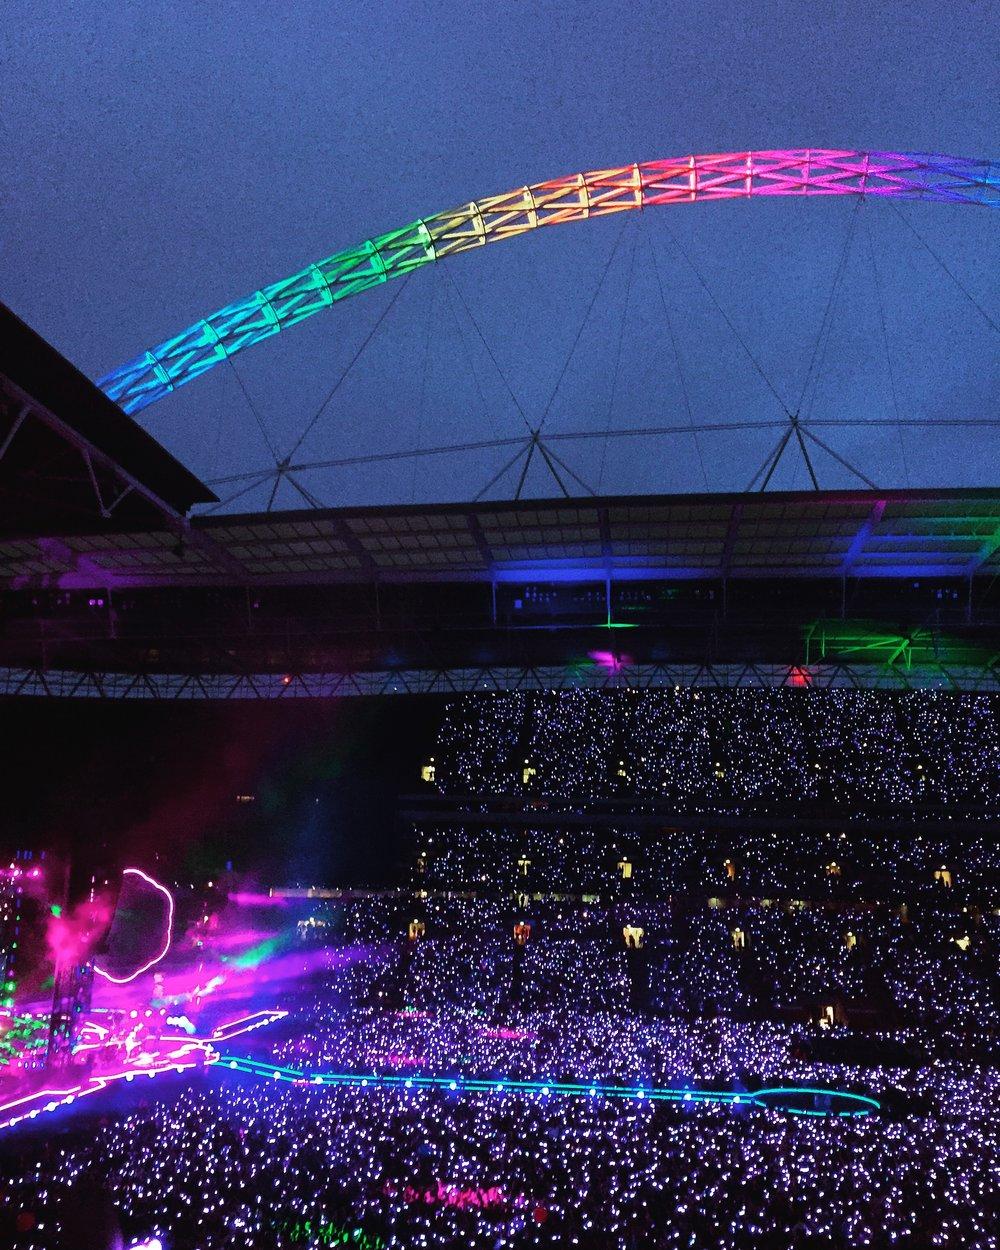 Coldplay at Wembley Stadium, 2016.